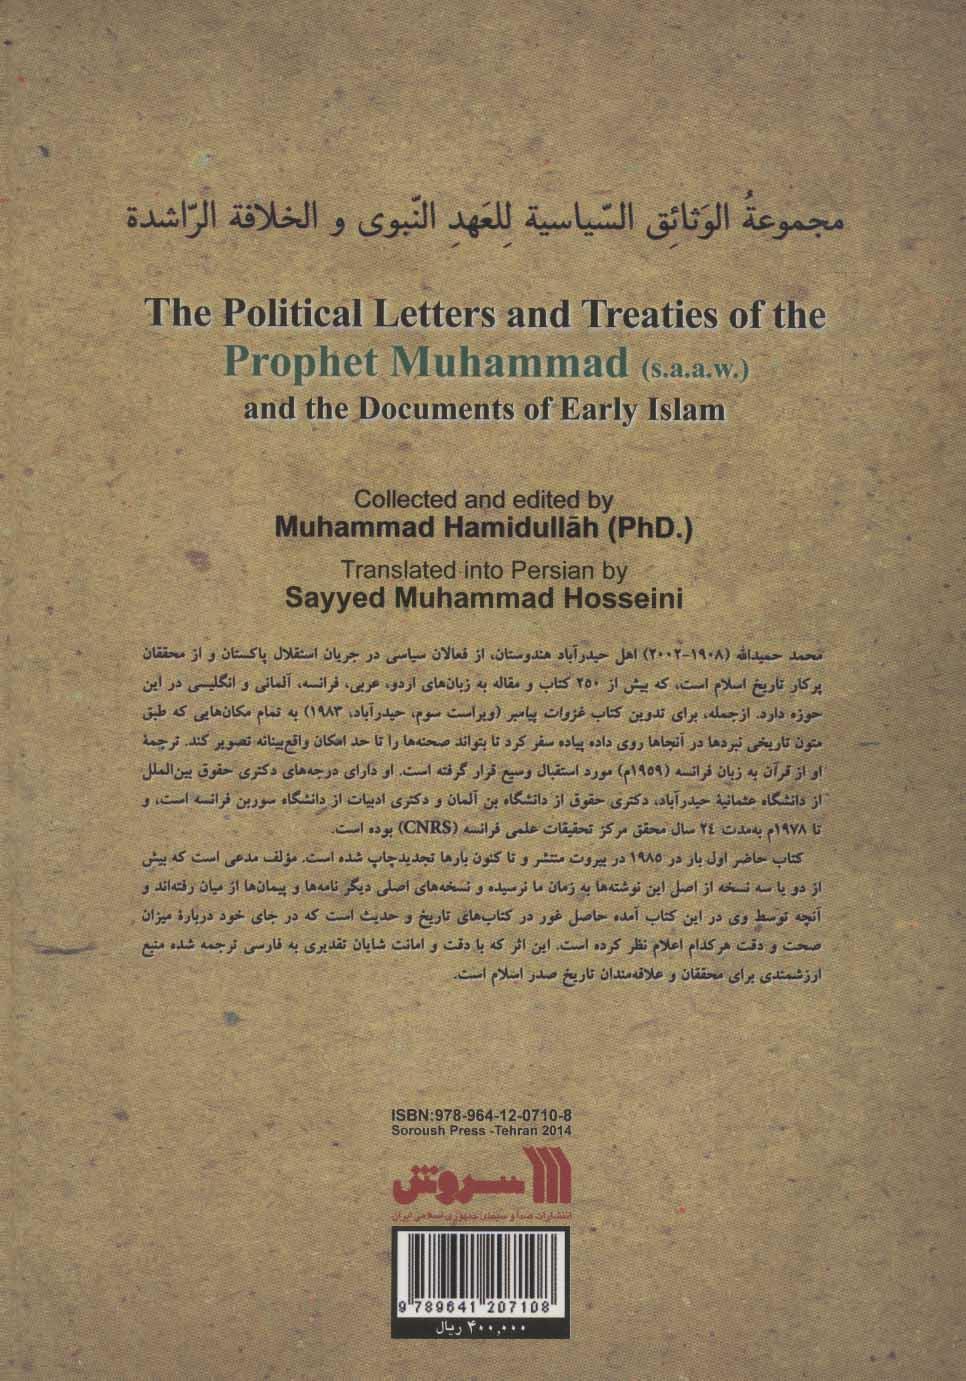 نامه ها و پیمان های سیاسی حضرت محمد (ص) و اسناد صدر اسلام